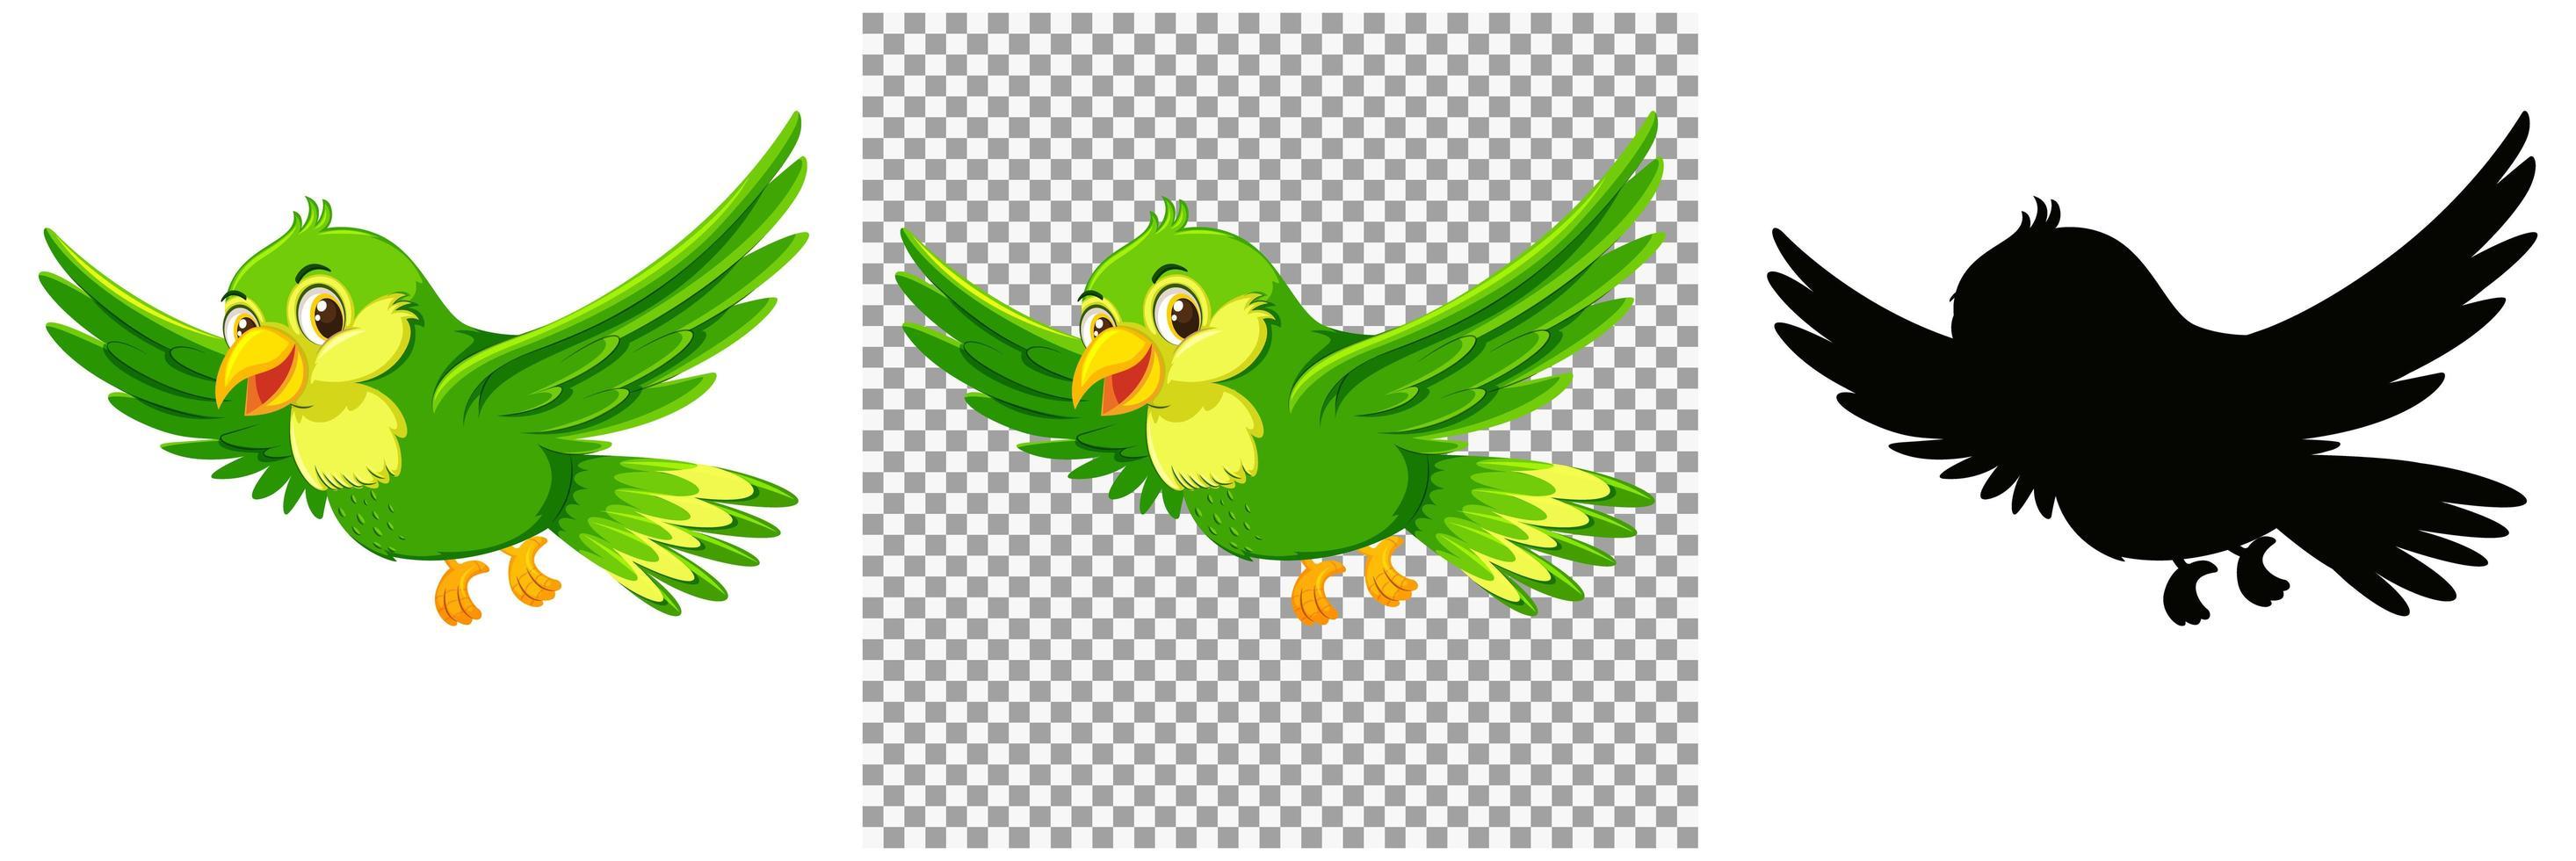 grüne Vogel-Zeichentrickfigur vektor